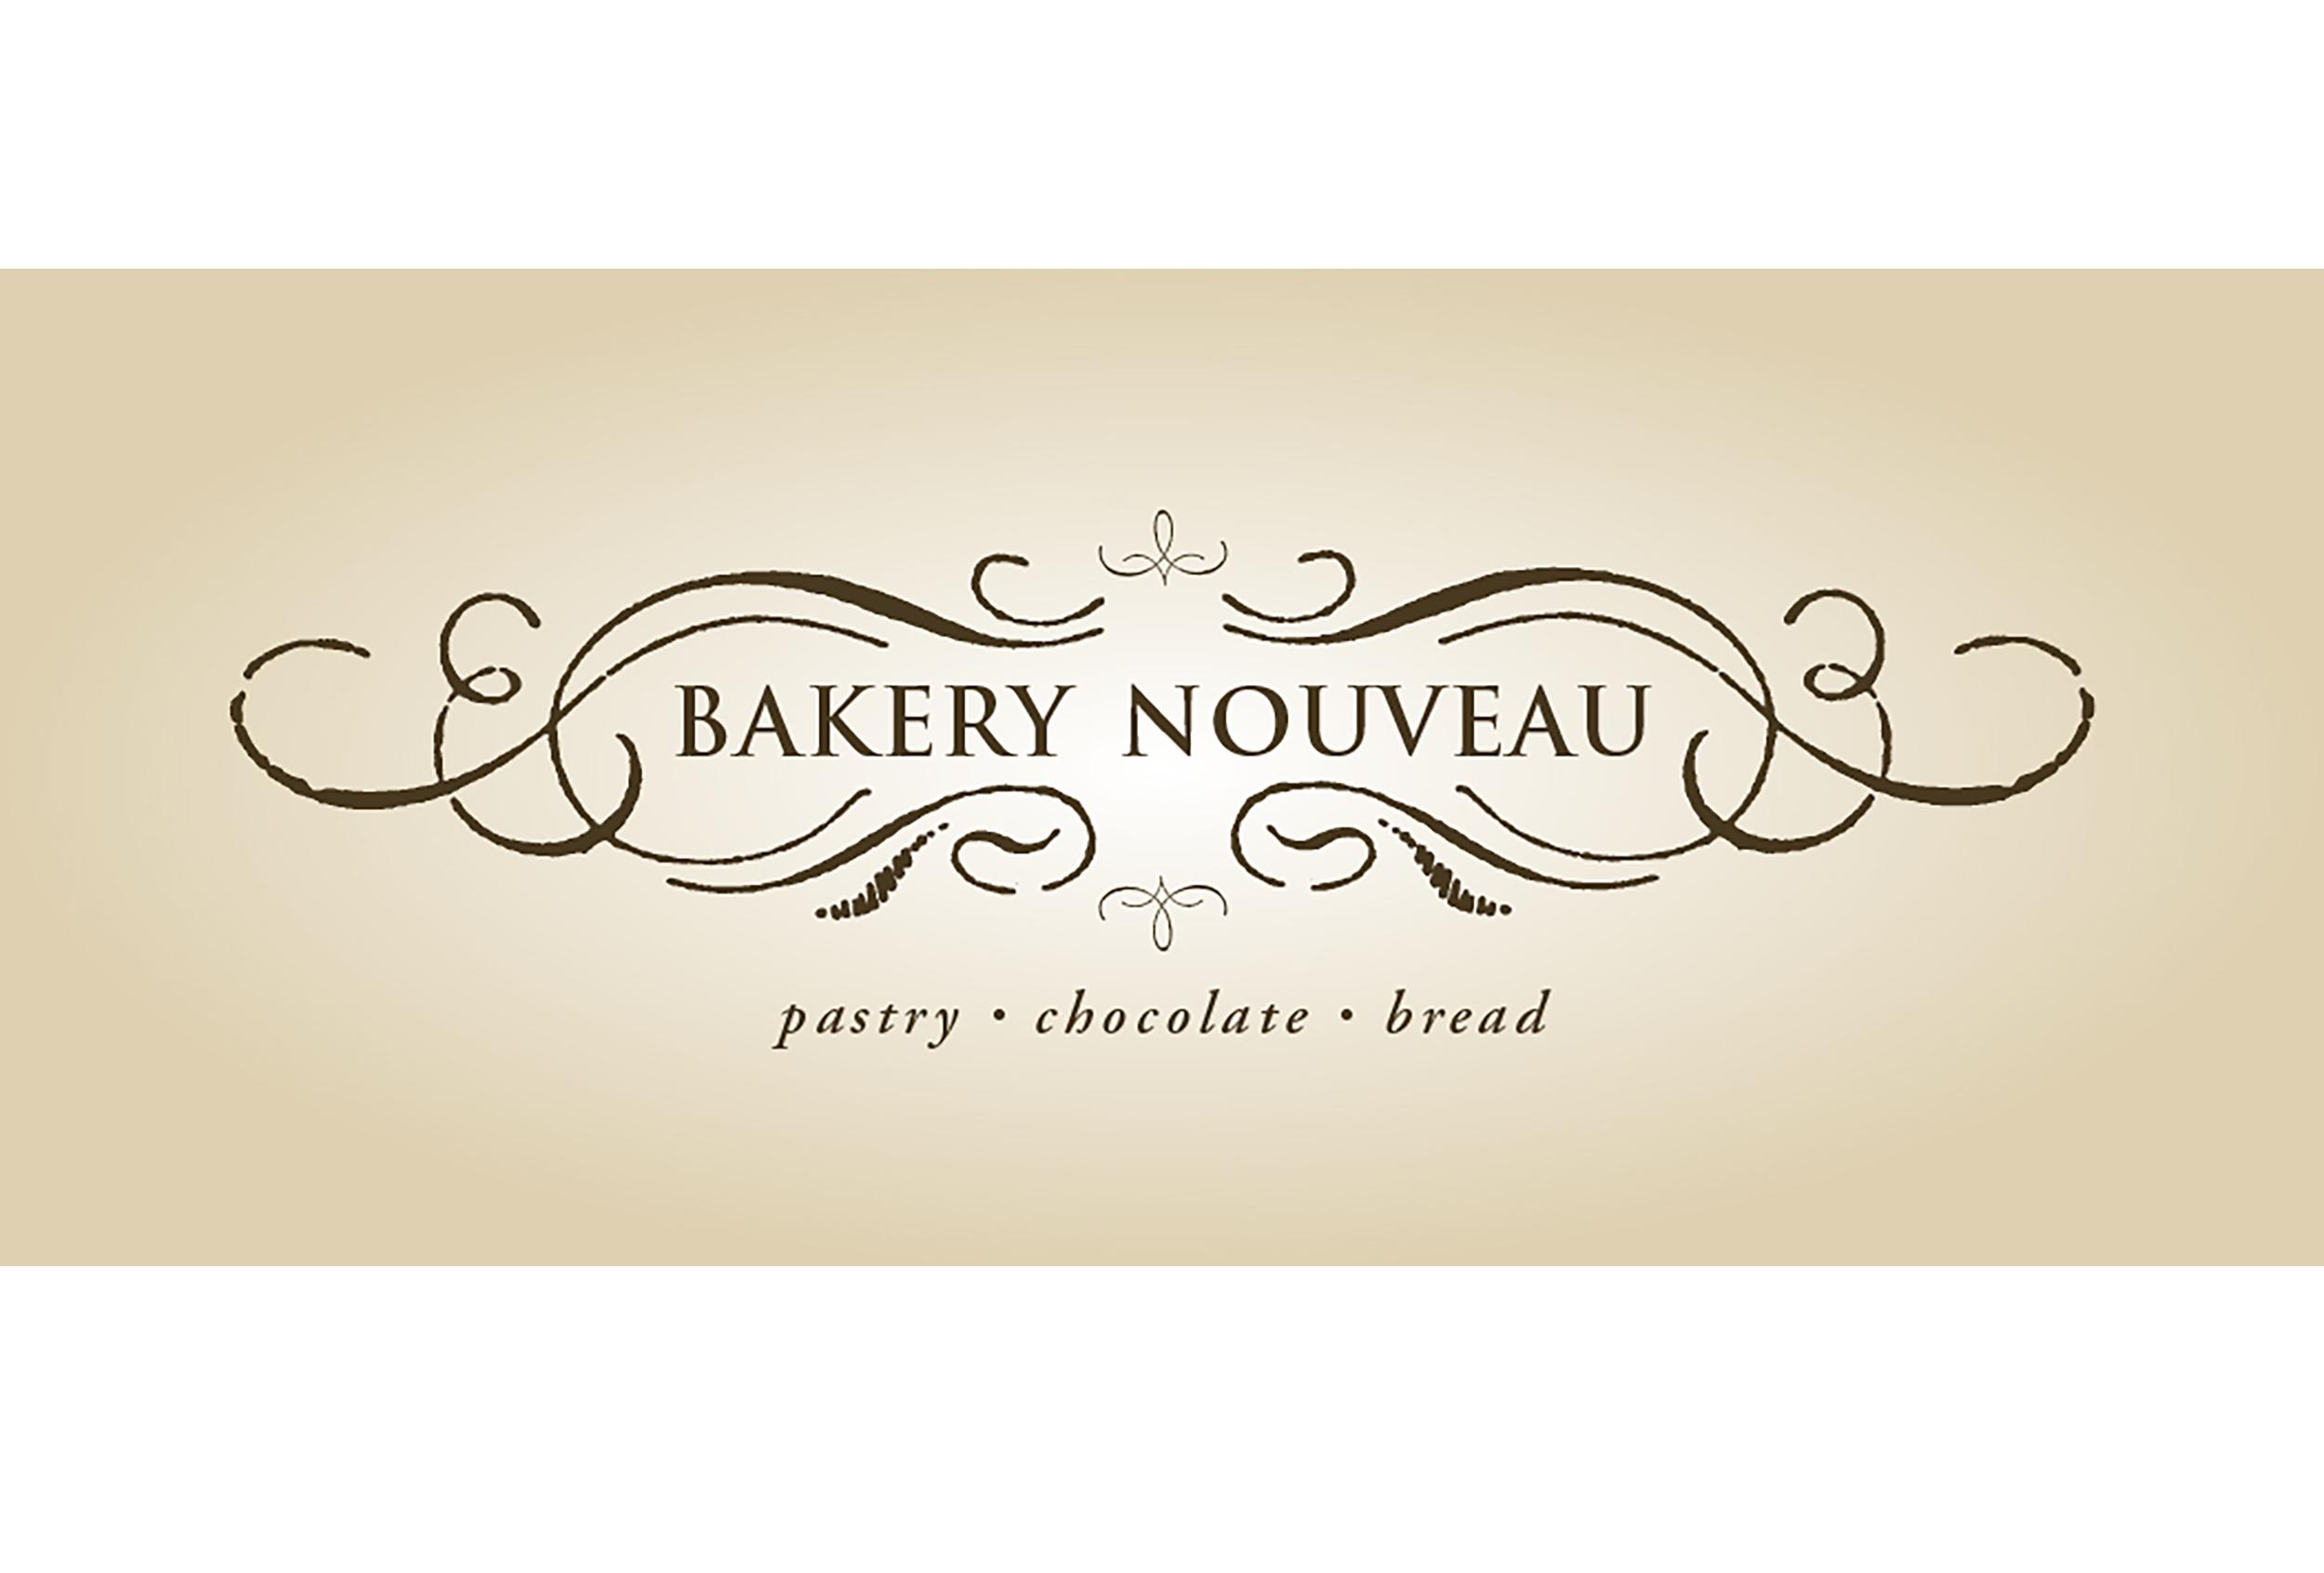 bakery-nouveau-logo.png